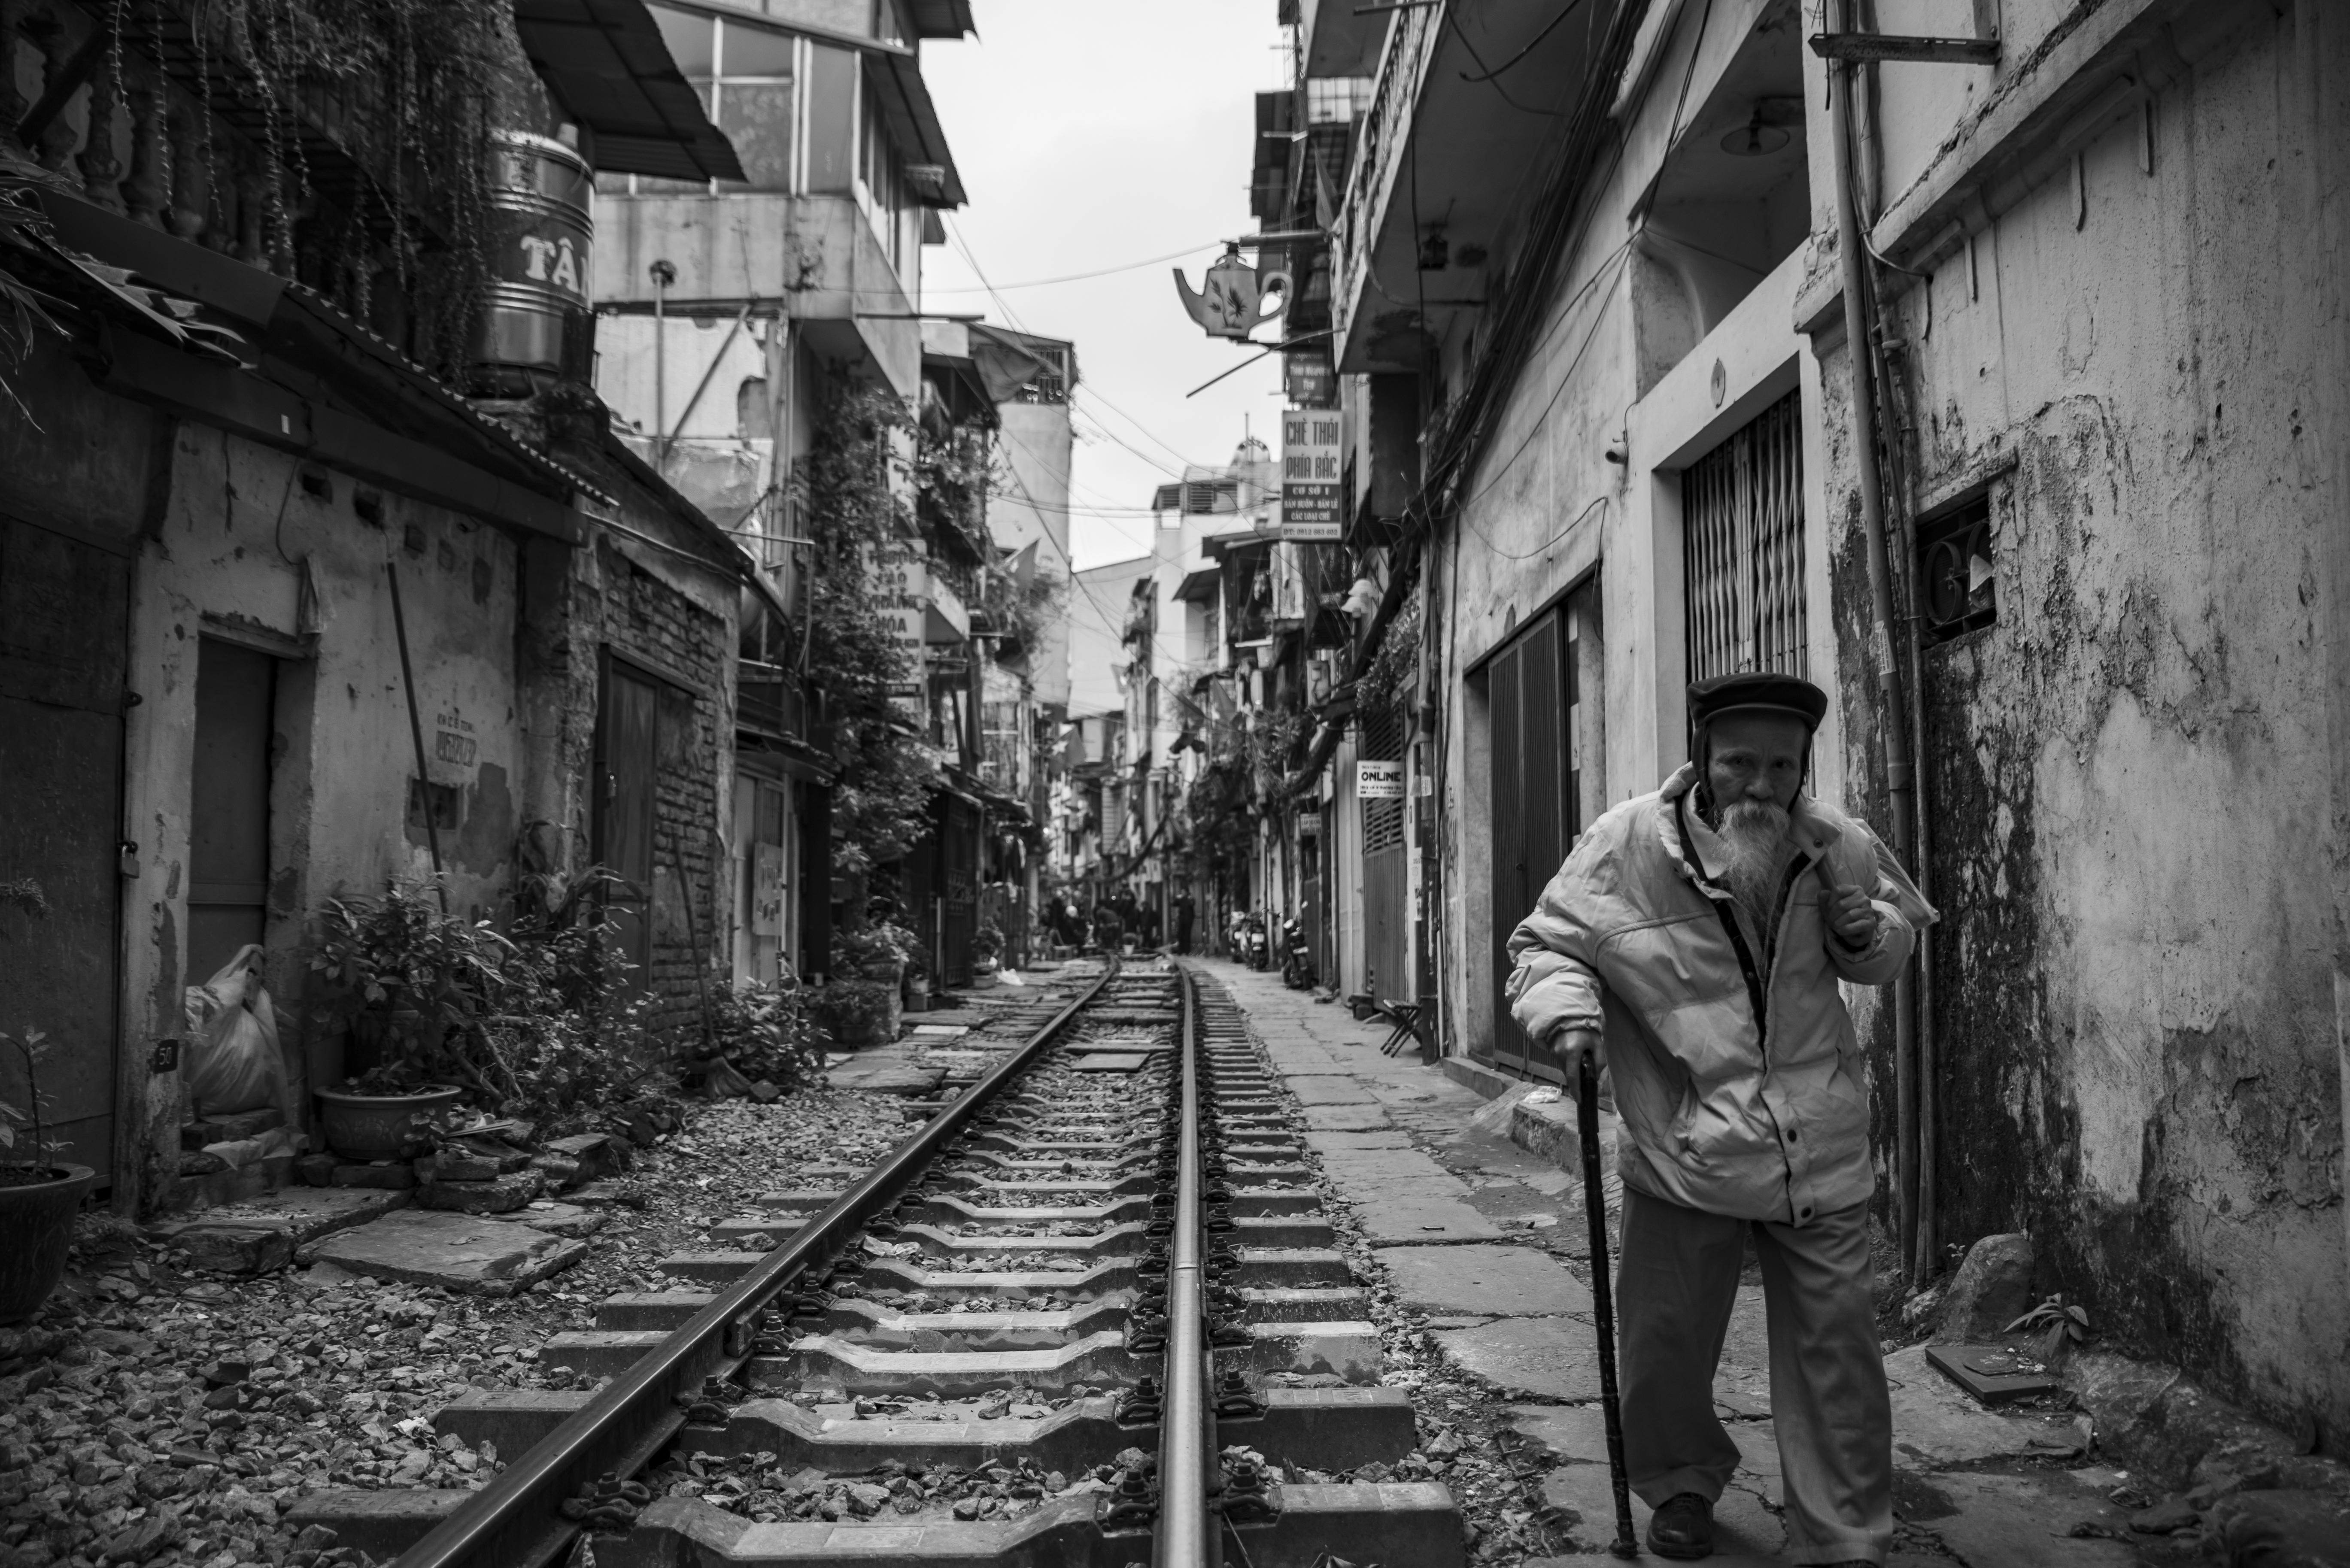 Old man - Hanoi, Vietnam